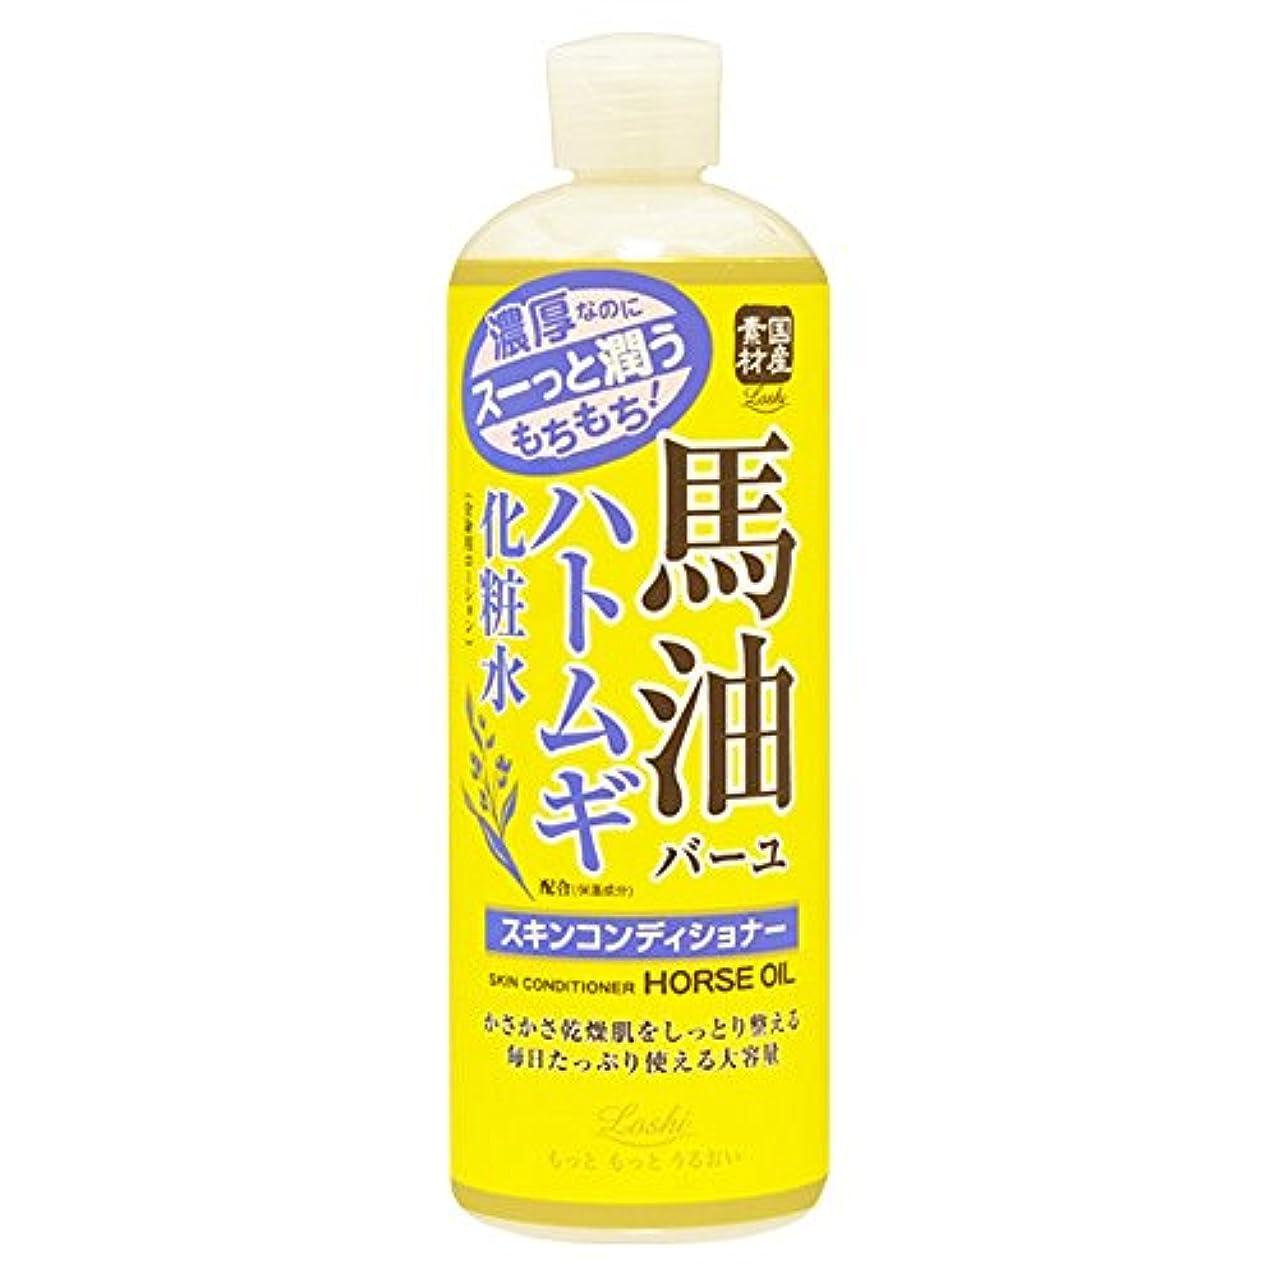 酔った反応するカニロッシモイストエイド スキンコンディショナー 馬油&ハトムギ 500ml (化粧水 ローション 高保湿)